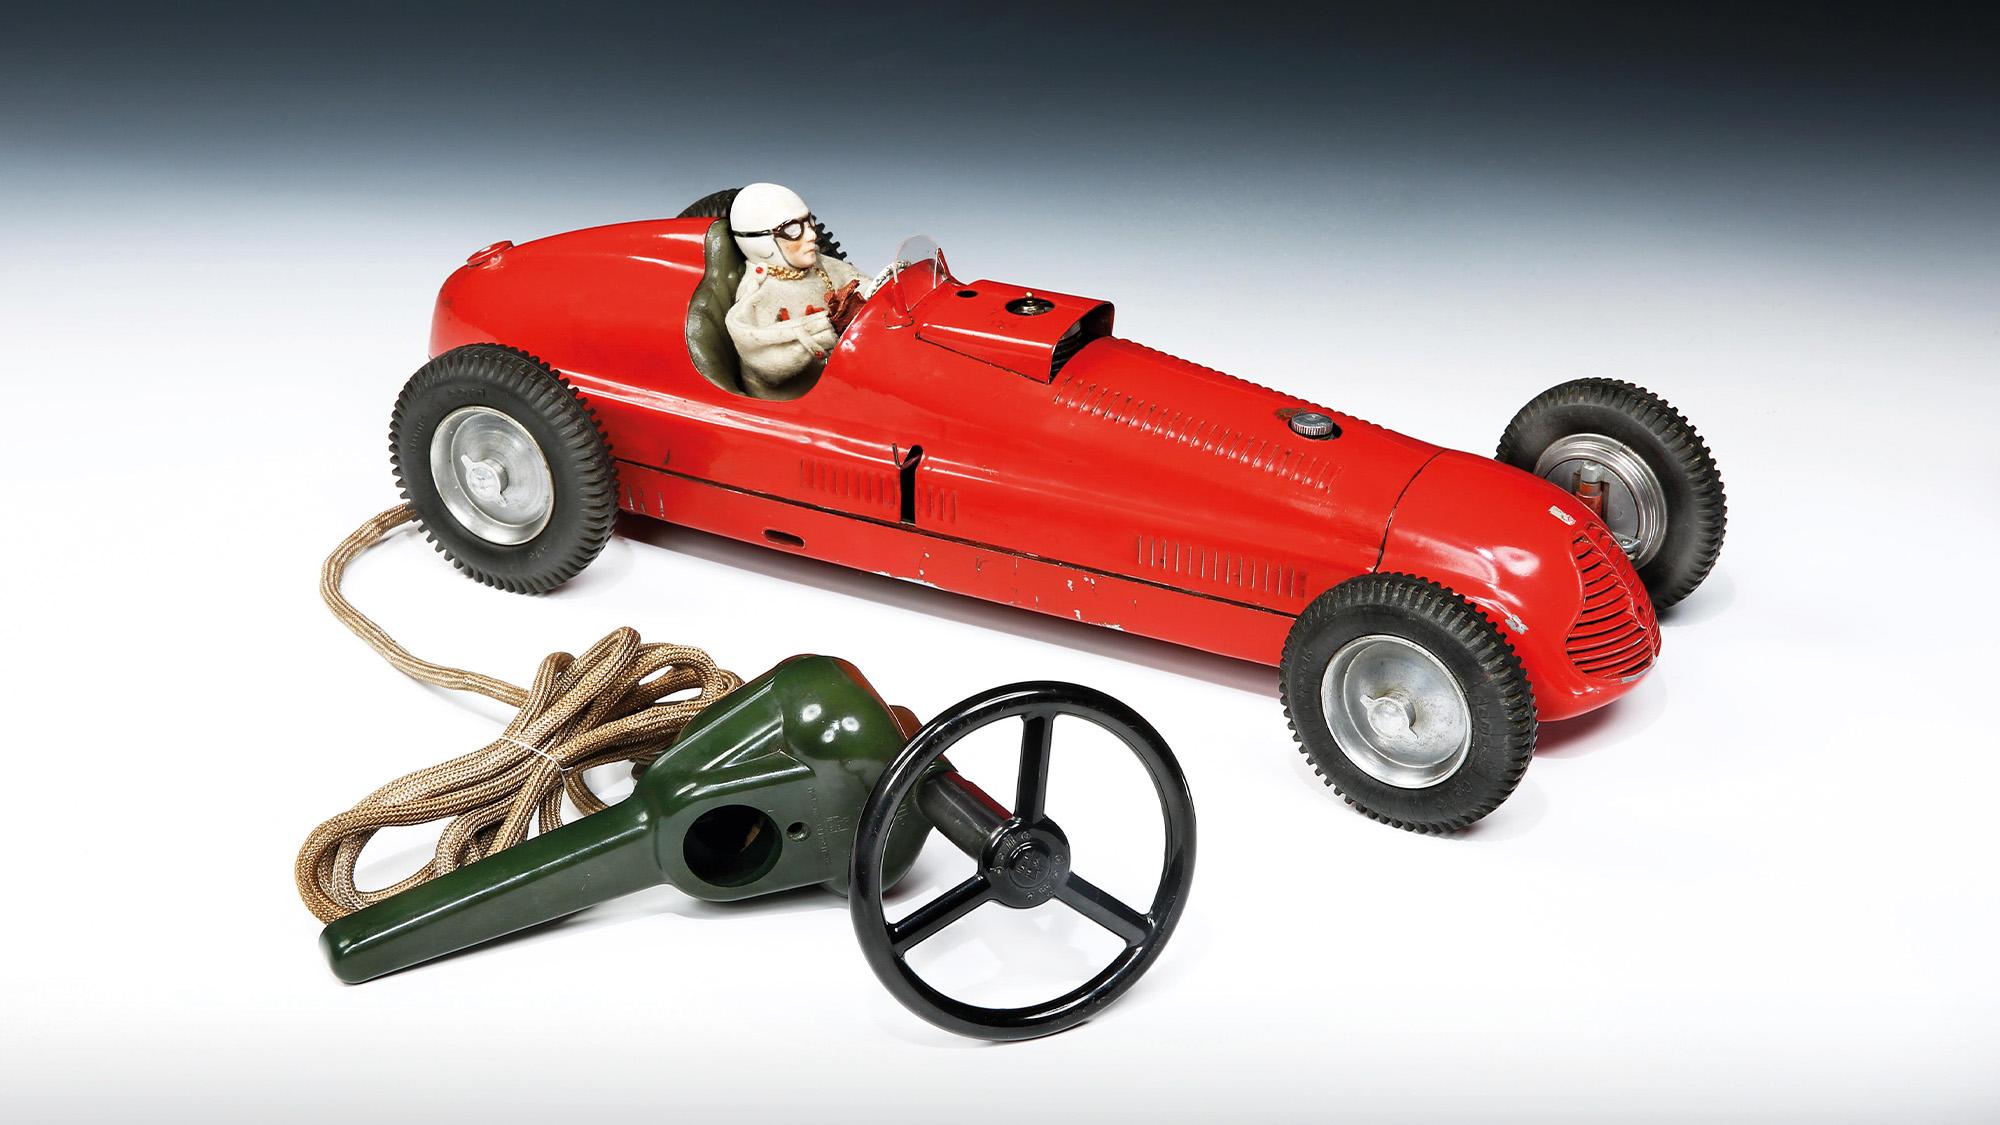 Steerable petrol racer